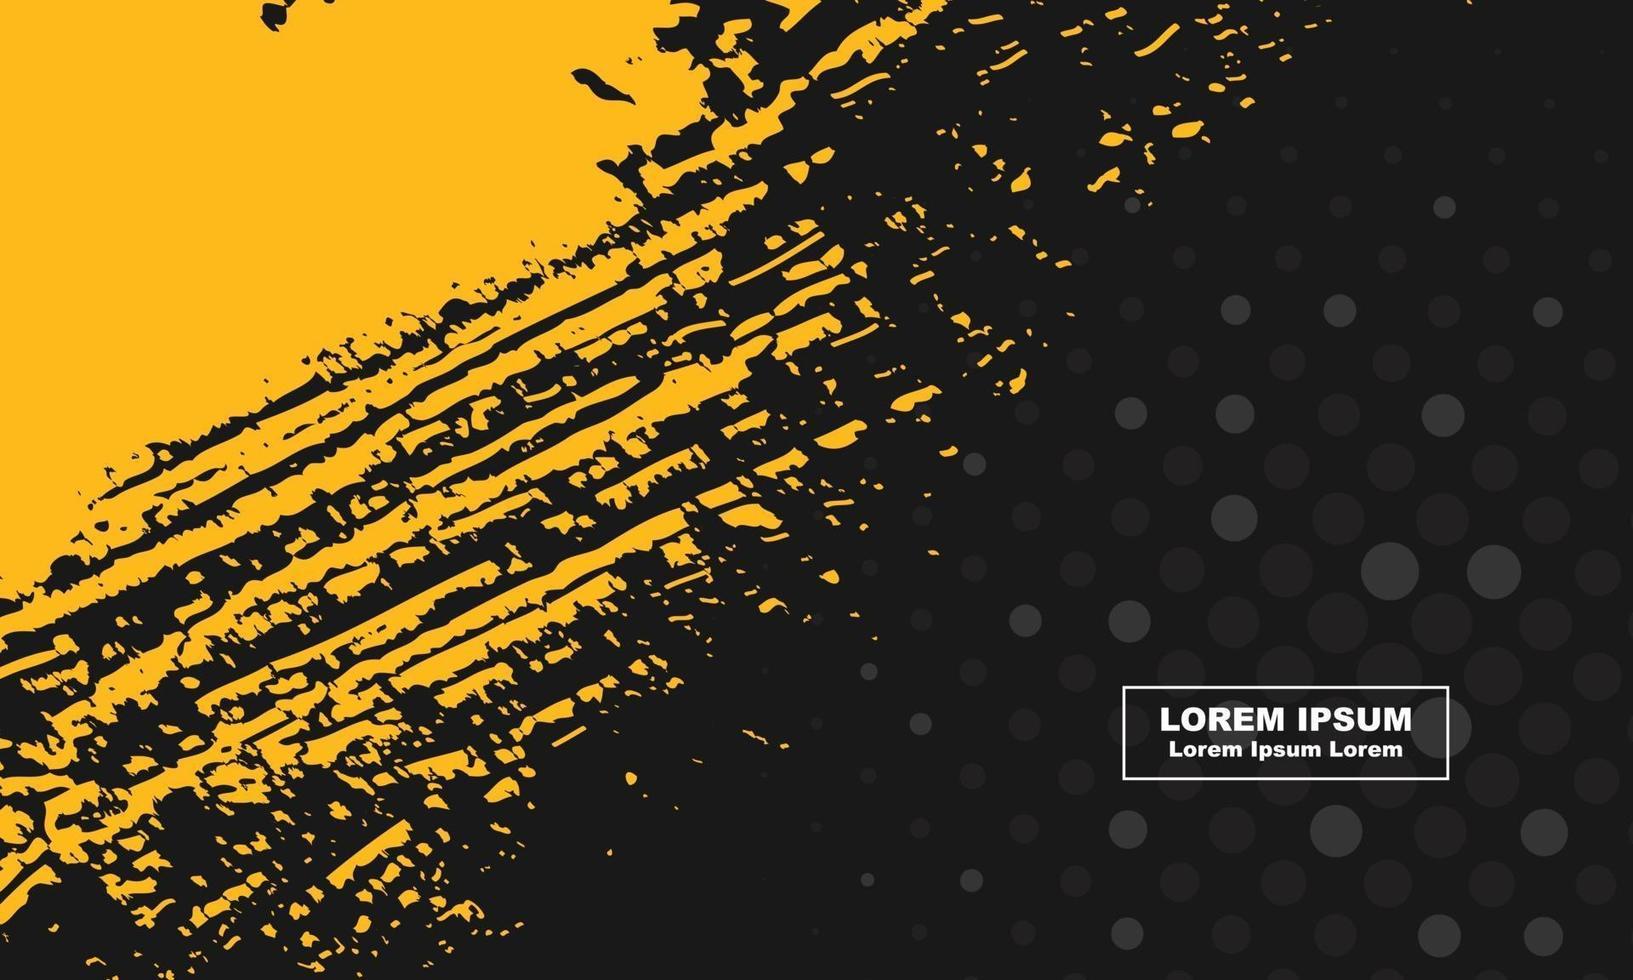 abstracte achtergrond zwart en geel grunge en halftoon cirkel vector